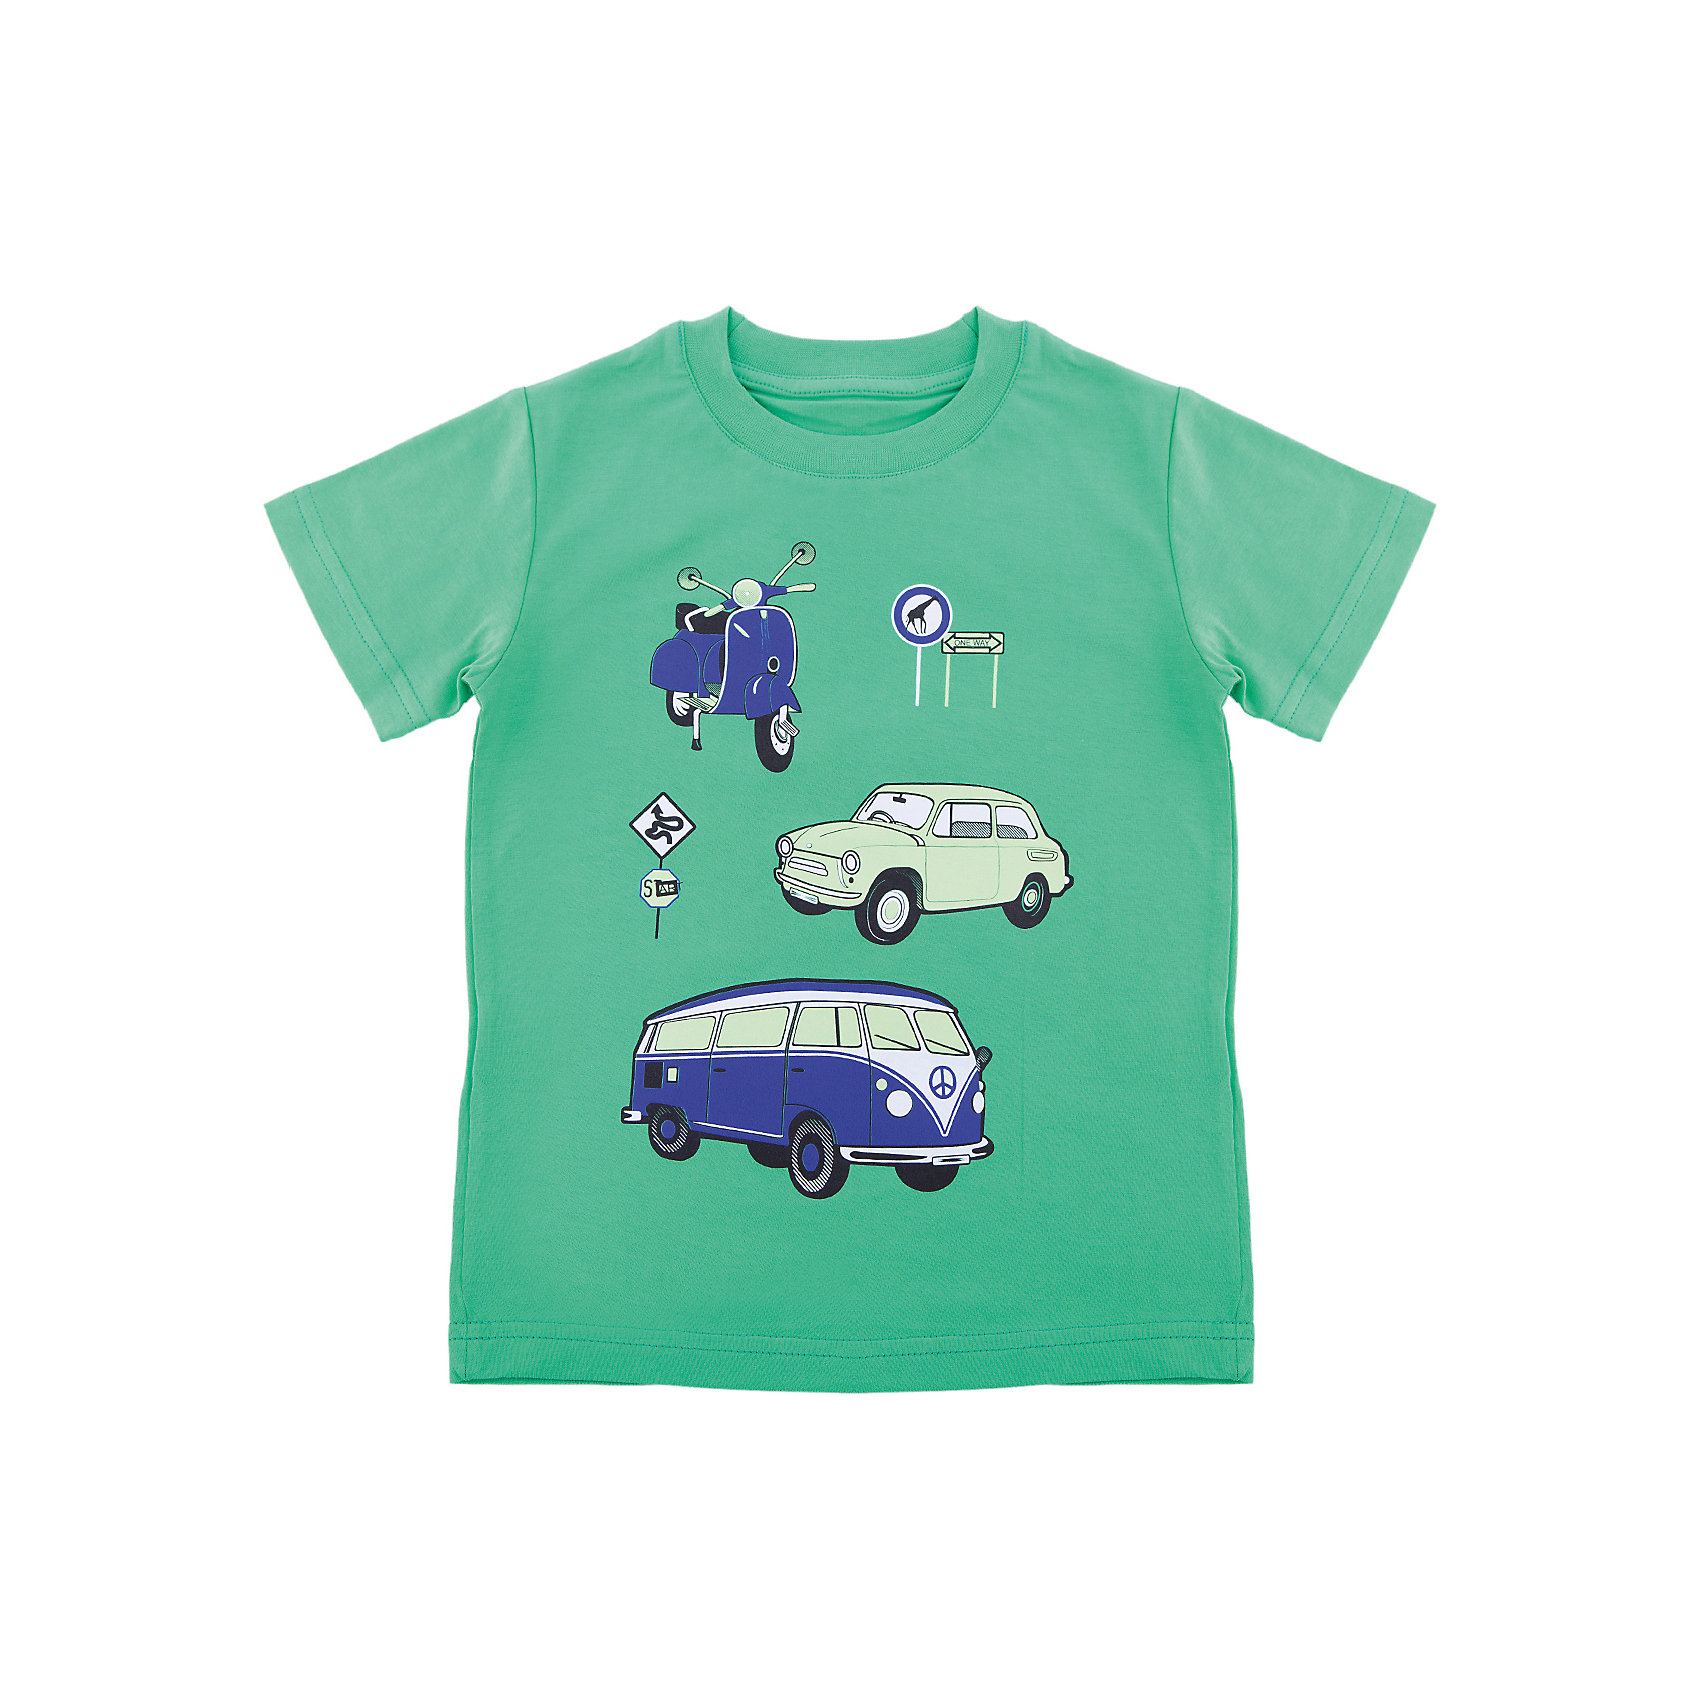 Футболка для мальчика WOWФутболки, поло и топы<br>Футболка для мальчика WOW<br>Незаменимой вещью в  гардеробе послужит футболка с коротким рукавом. Стильная и в тоже время комфортная модель, с яркой оригинальной печатью, будет превосходно смотреться на ребенке.<br>Состав:<br>кулирная гладь 100% хлопок<br><br>Ширина мм: 199<br>Глубина мм: 10<br>Высота мм: 161<br>Вес г: 151<br>Цвет: зеленый<br>Возраст от месяцев: 72<br>Возраст до месяцев: 84<br>Пол: Мужской<br>Возраст: Детский<br>Размер: 122,98,104,110,116<br>SKU: 6871662